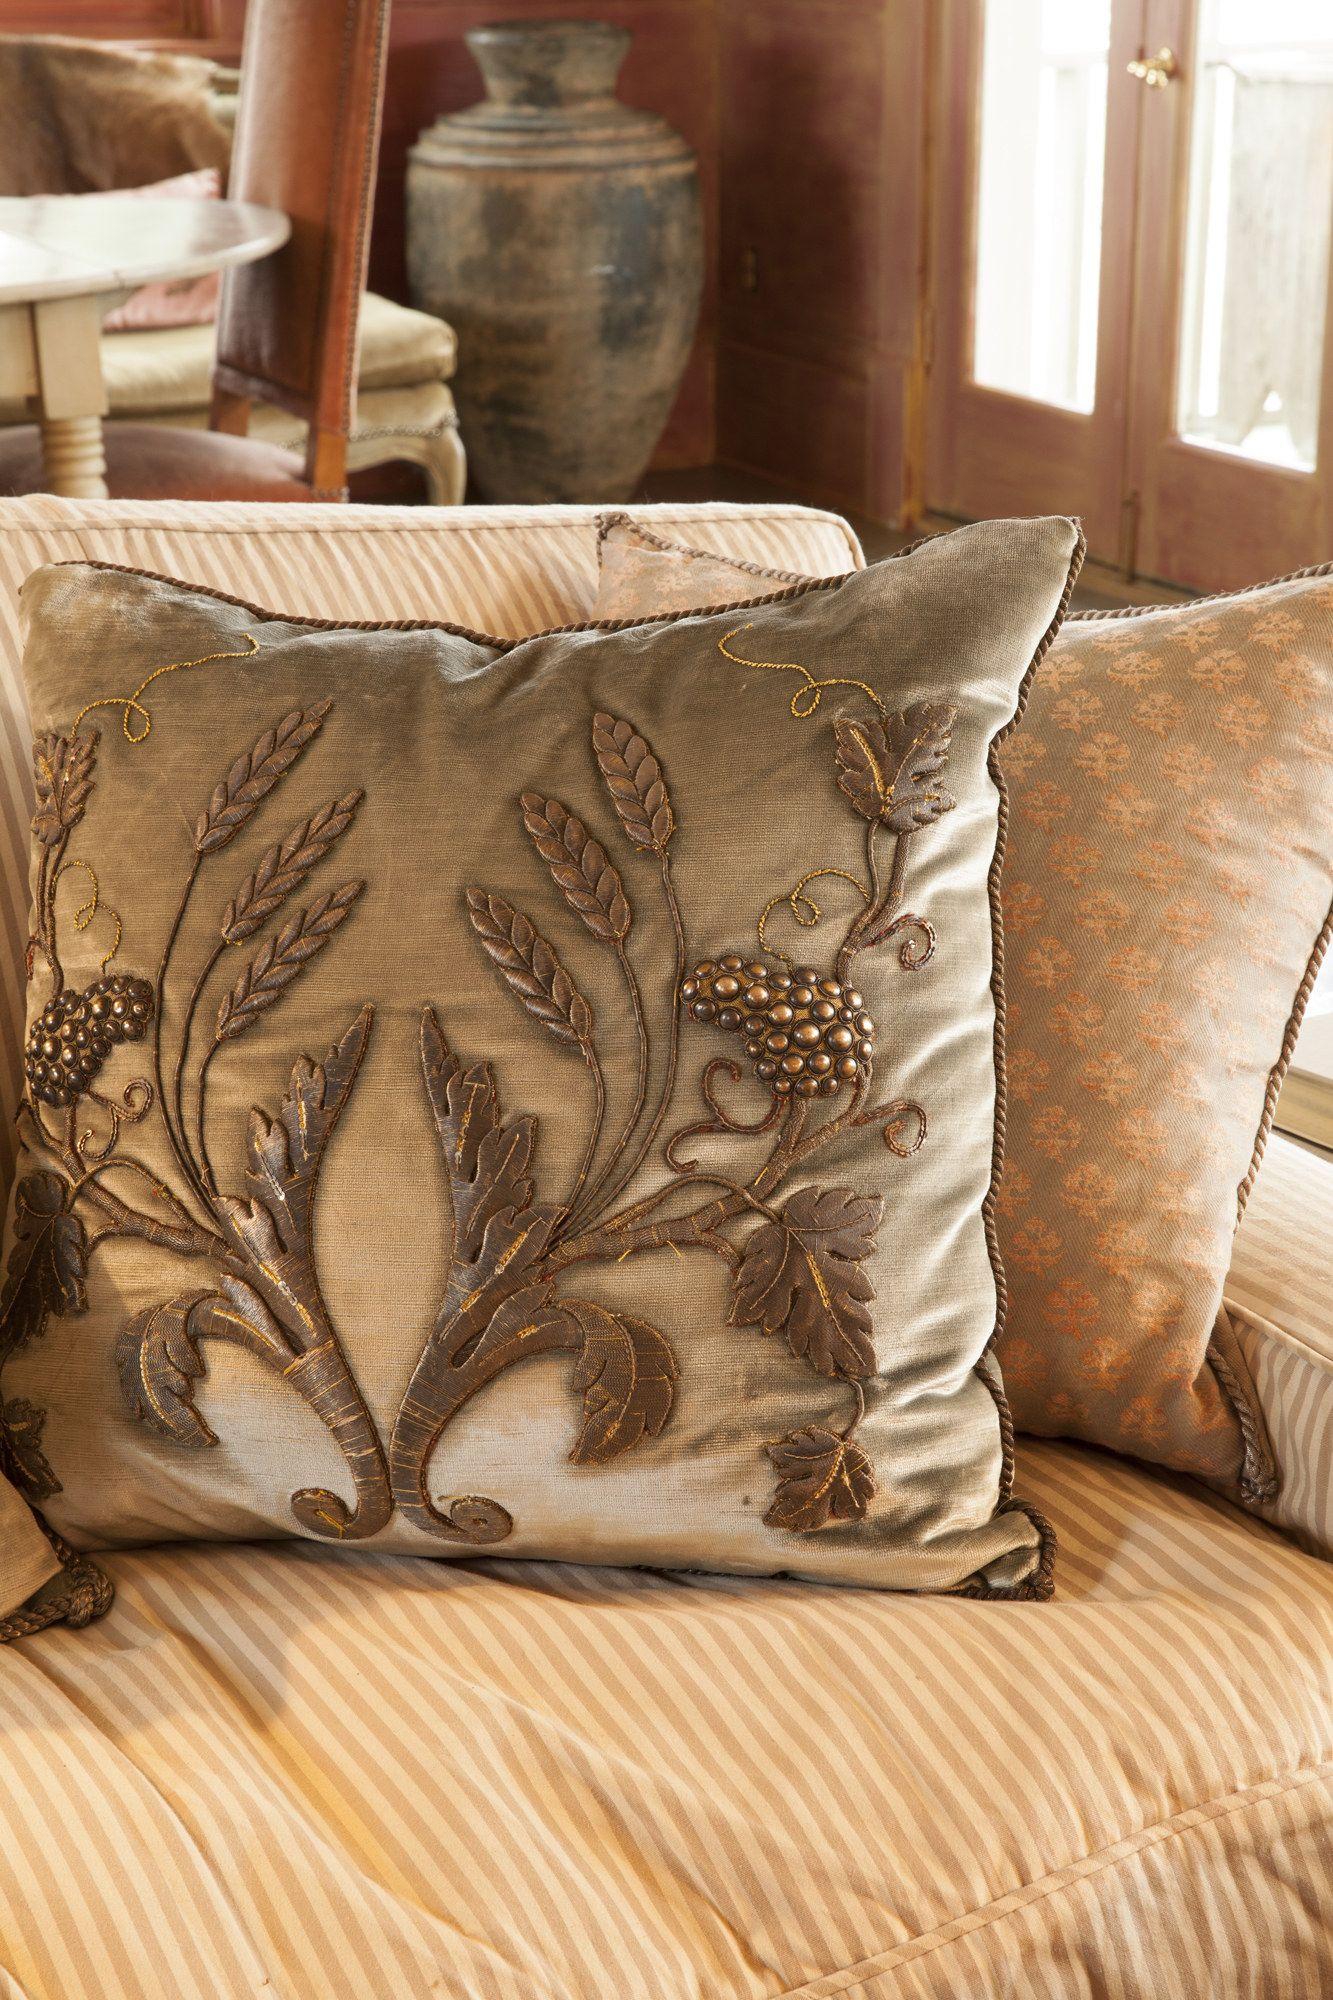 The Most Incredible Throw Pillows You Ve Ever Seen B Viz